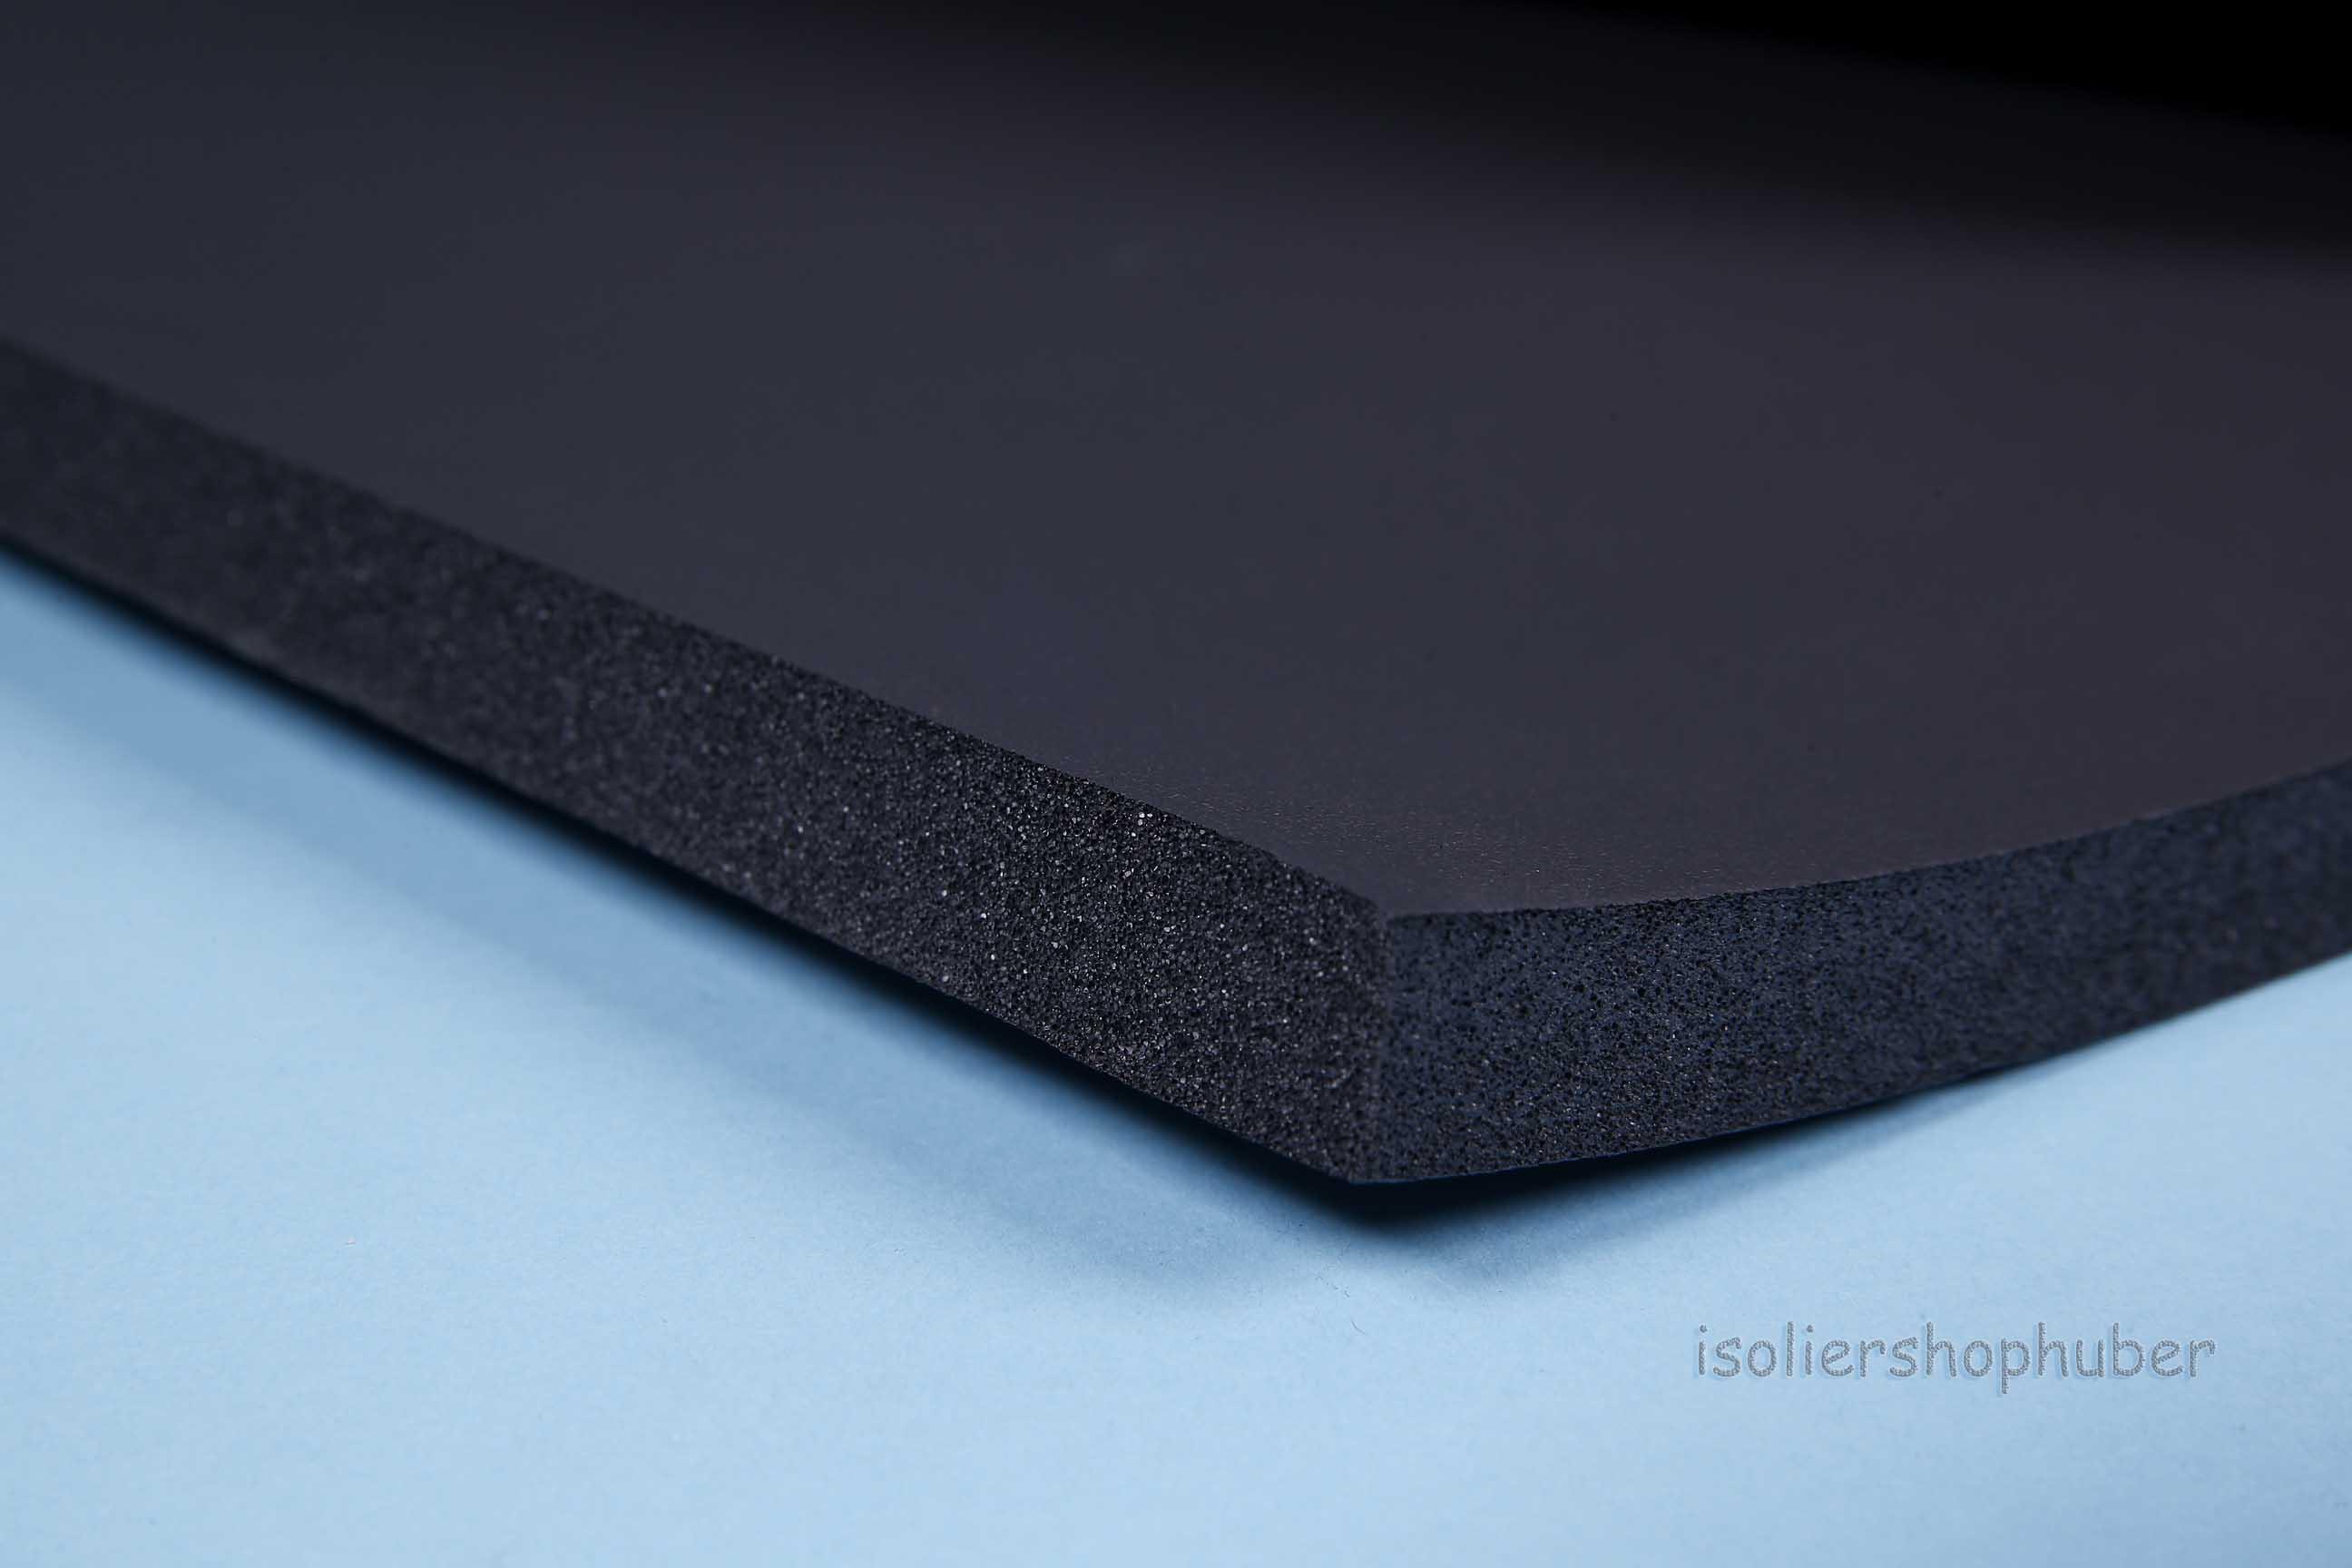 0,1 m² HT-ARMAFLEX Platte Kautschuk 32 mm 150°C für Solar Isolierung Armacell